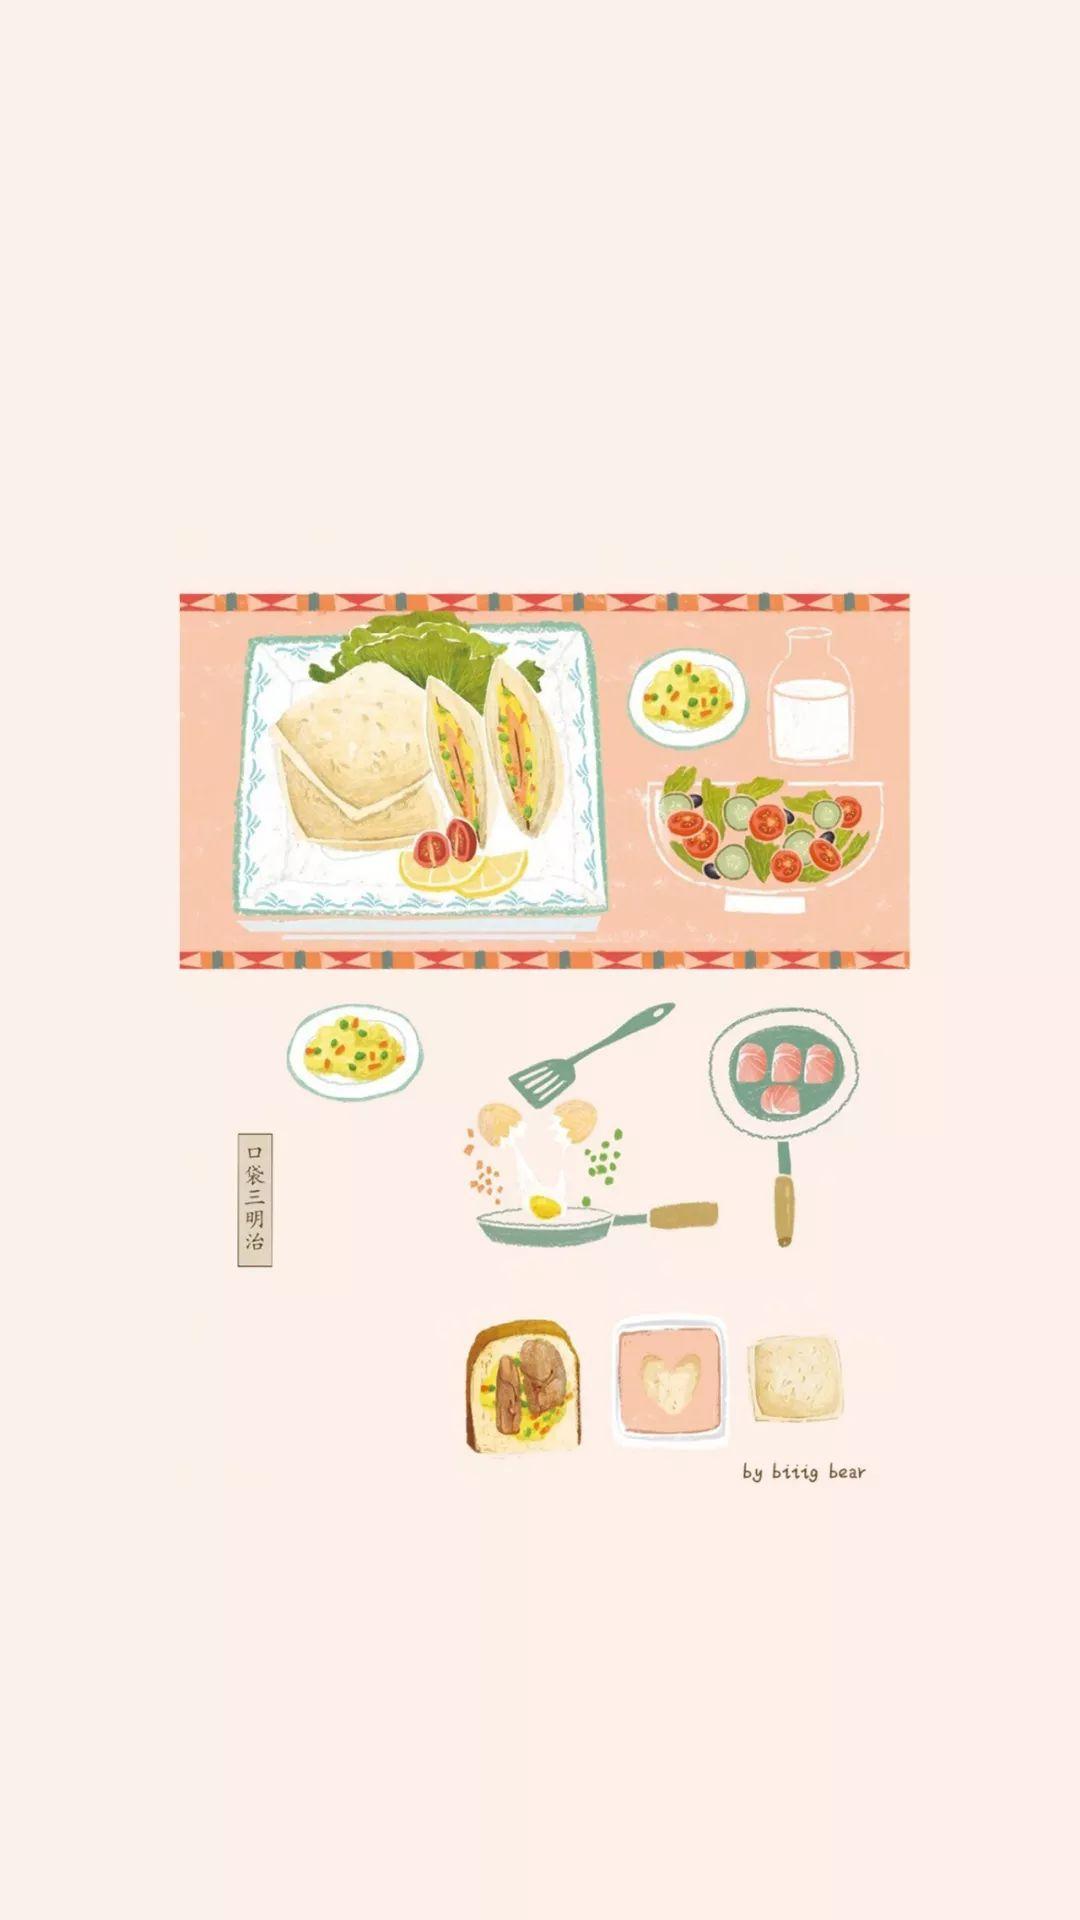 各种色系的手绘风食物壁纸 我最喜欢白色底的那几张 拿来当微信聊天